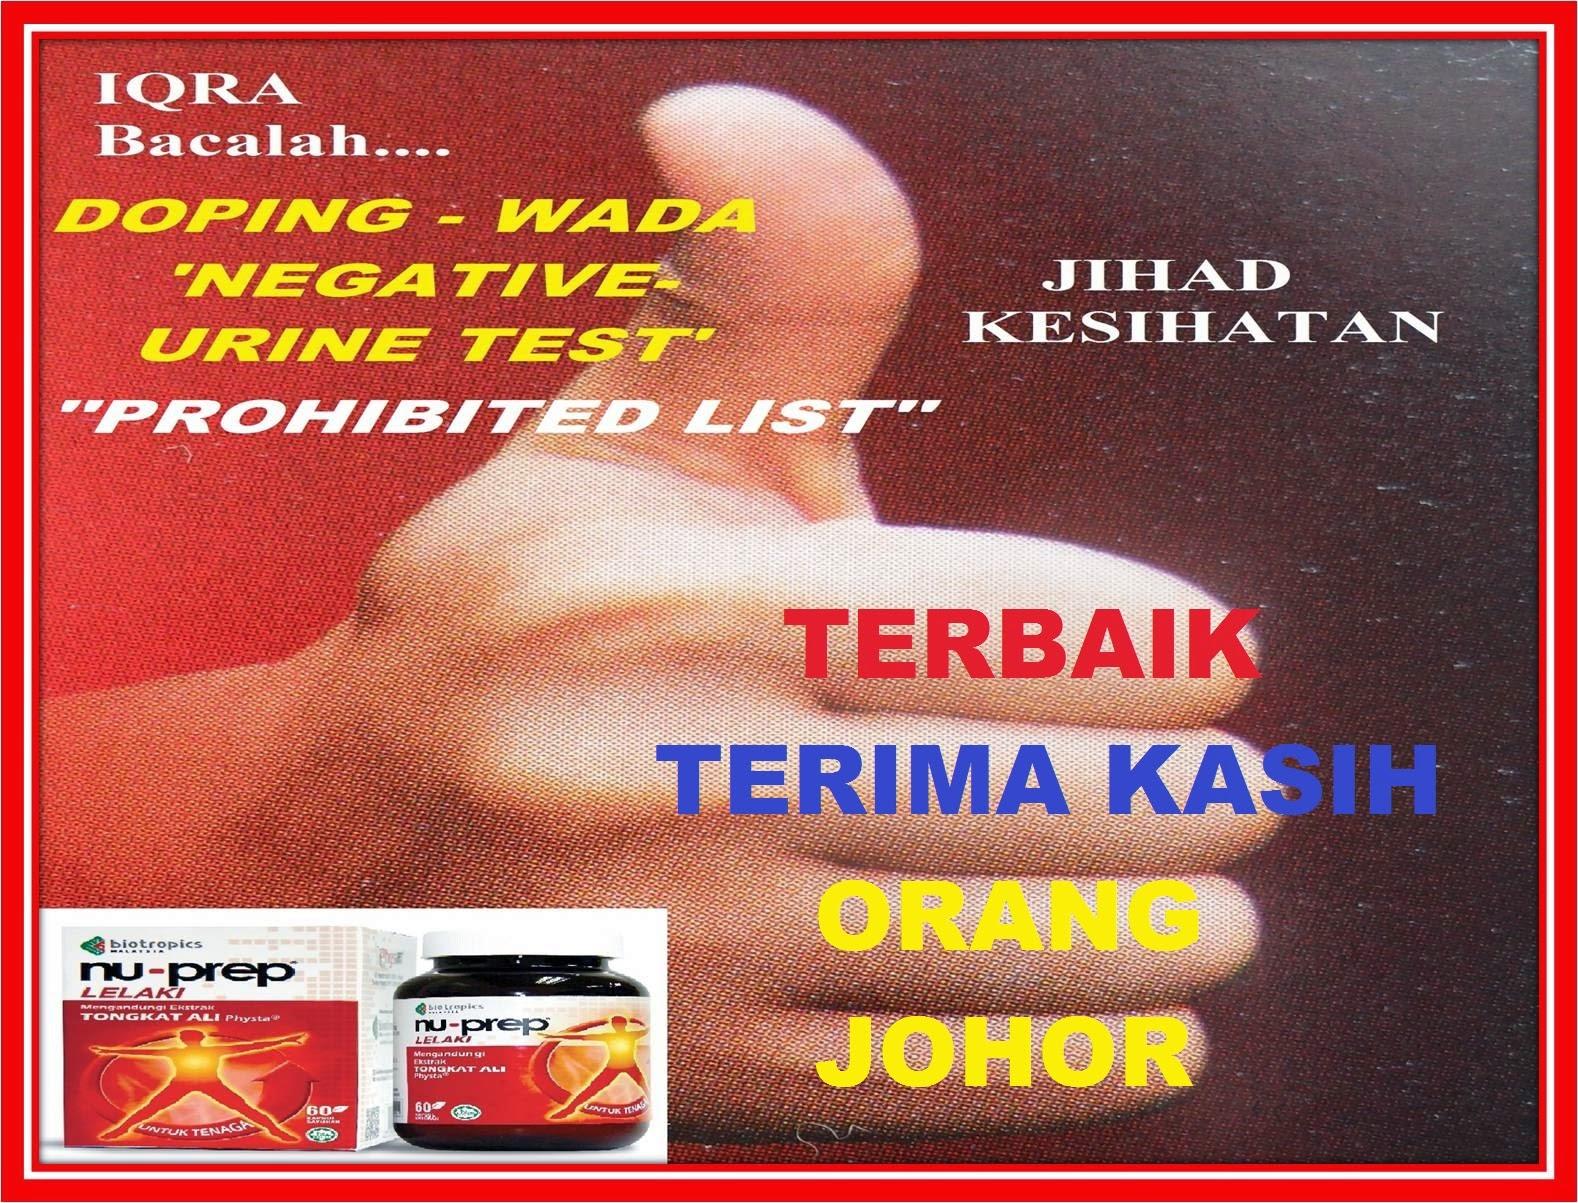 JOHOR FM Teristimewa untuk ORANG JOHOR  NU-PREP lelaki keudara setiap KHAMIS bermula 21hb Ogus 2014